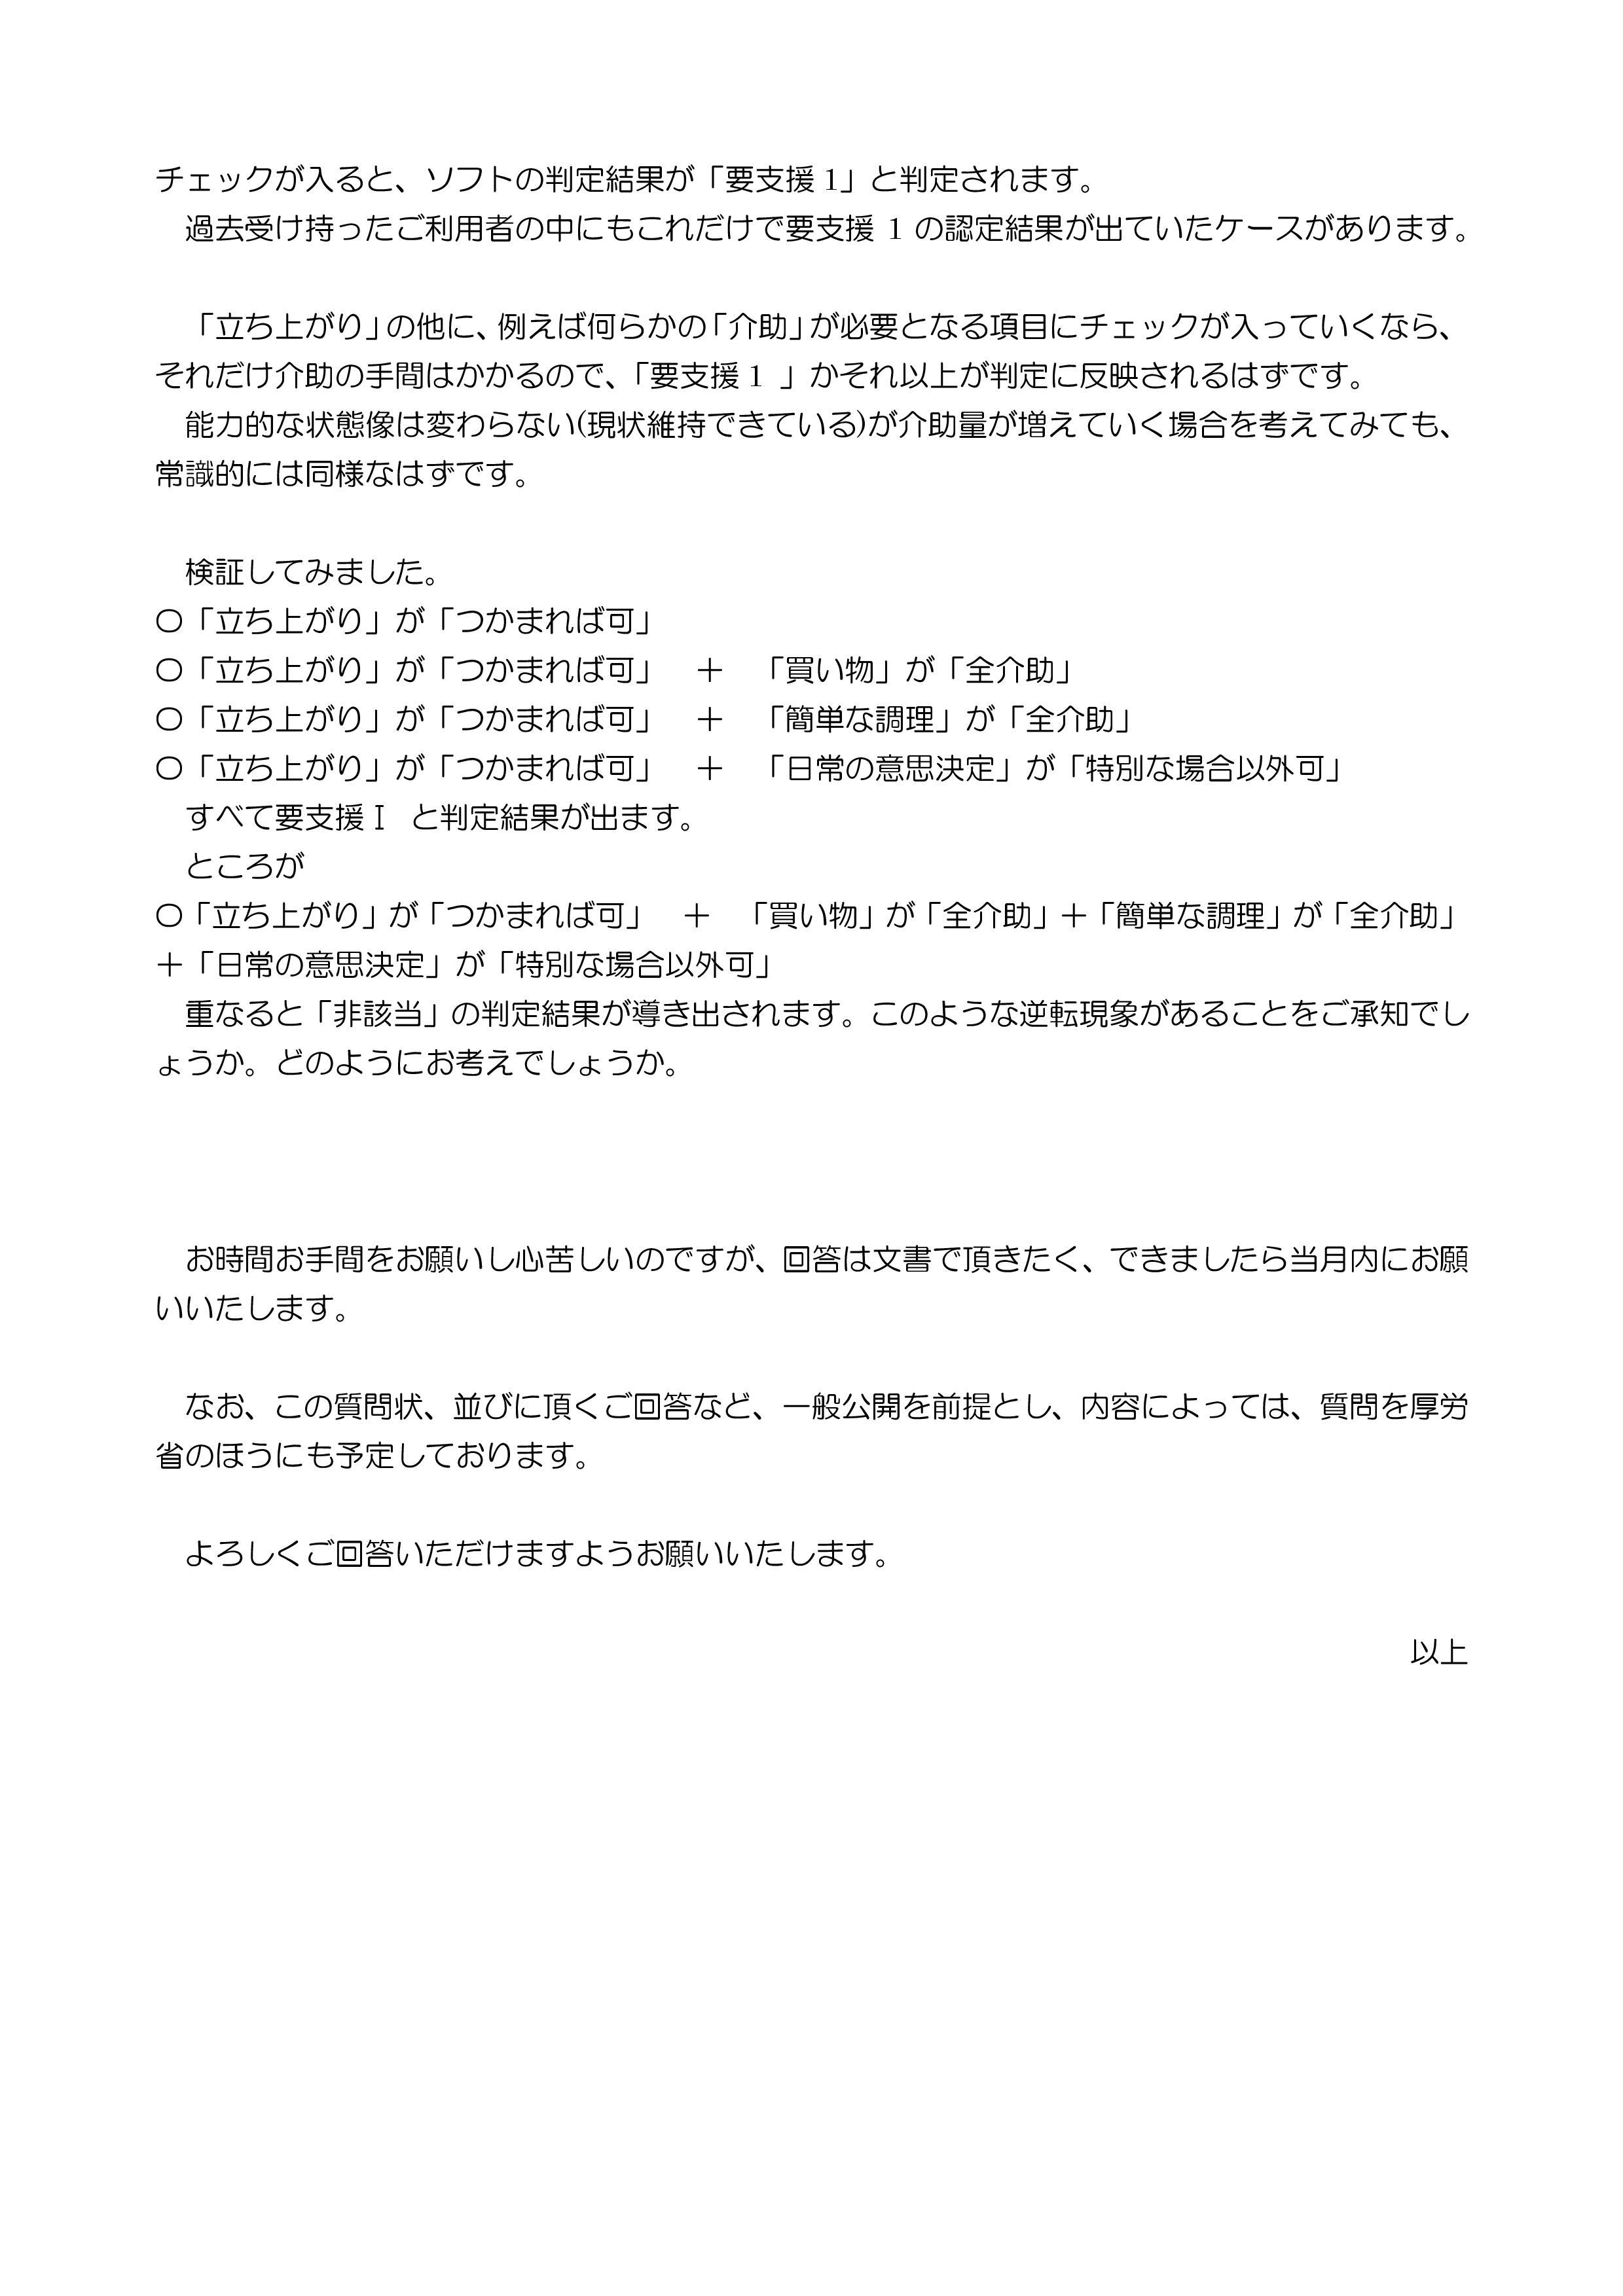 大阪狭山市質問2